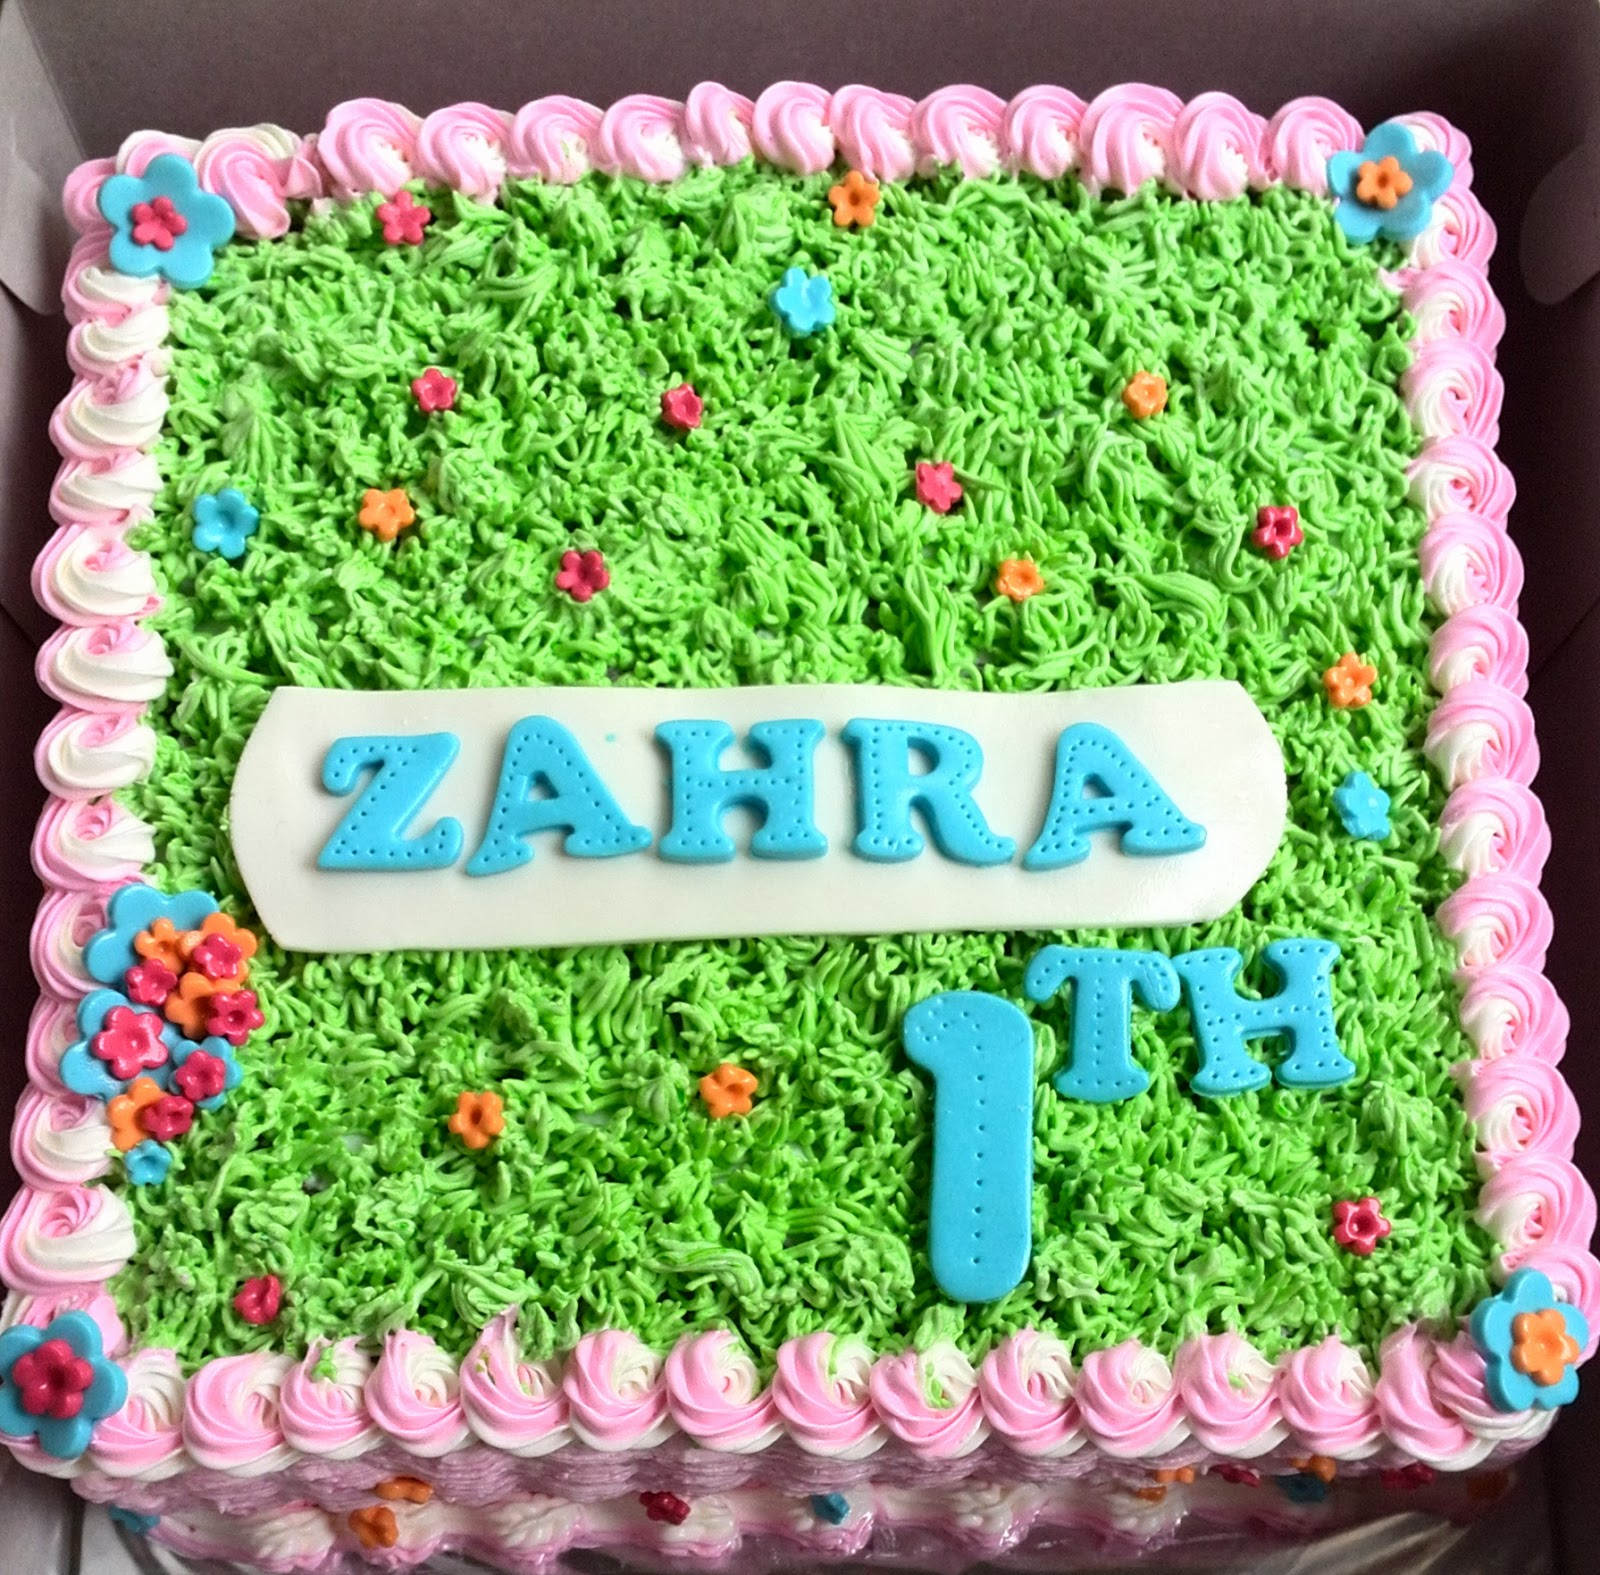 KhairaNa Cakes